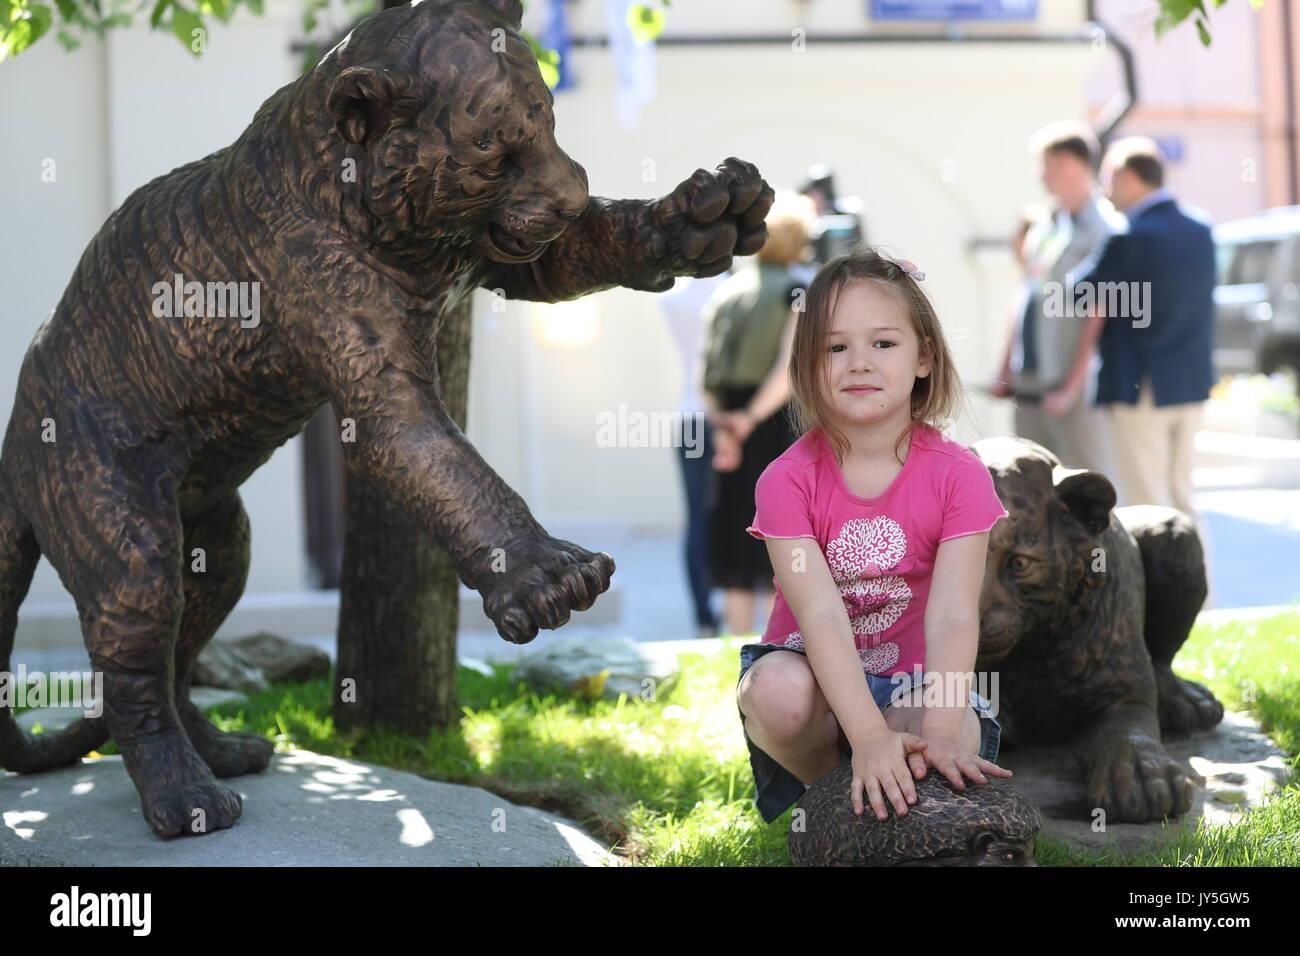 Moskau, Russland. 18 Aug, 2017. Bronze Skulpturen von Amur tiger Cubs spielen, vorgestellt in der Nähe des Amur Stockfoto